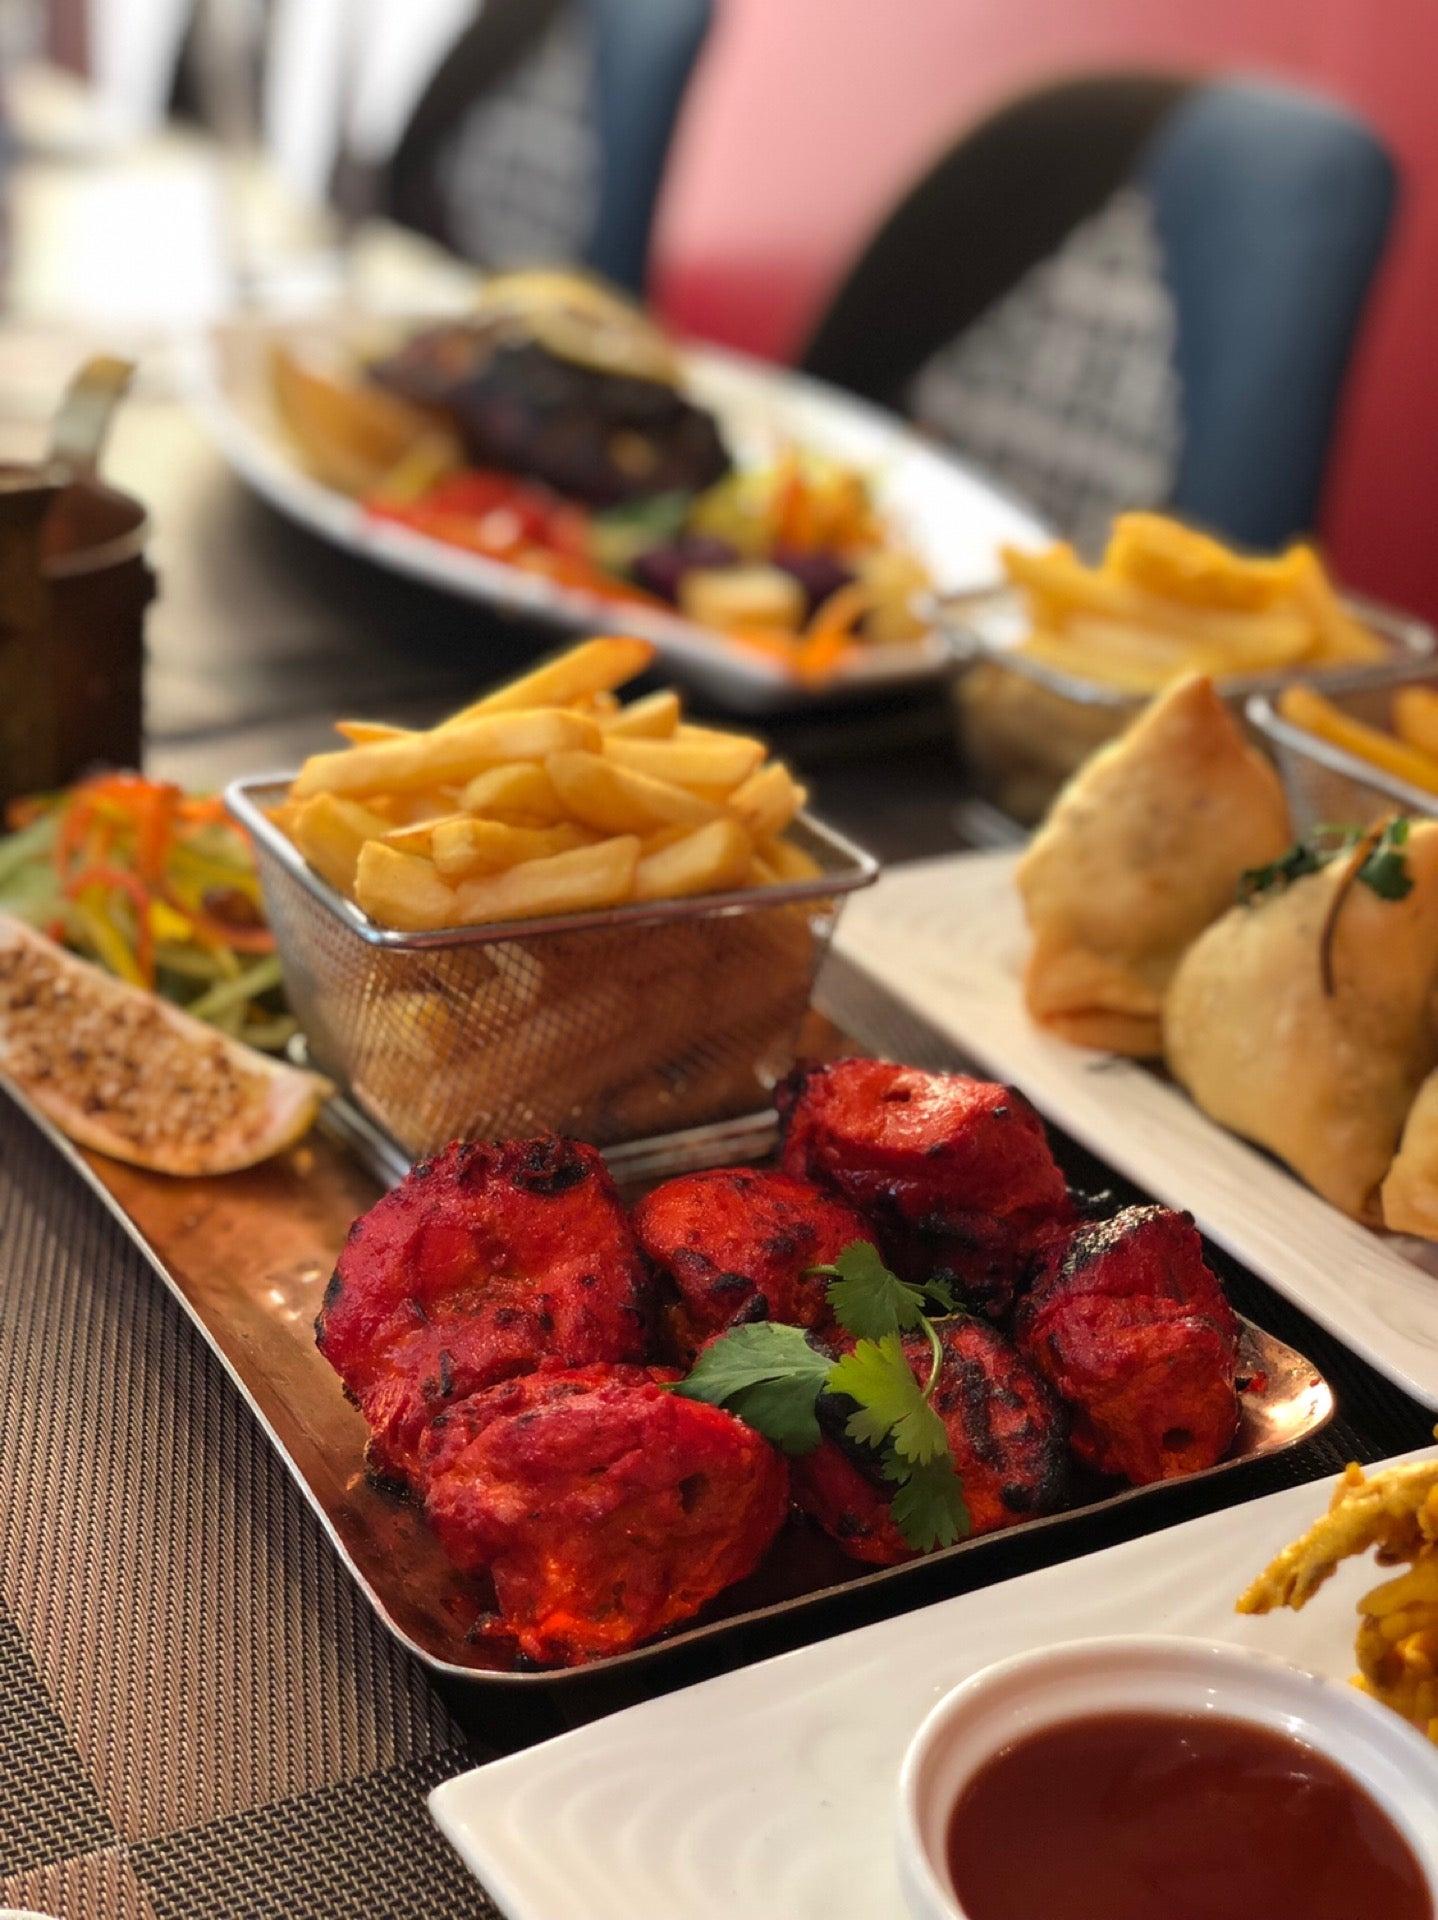 مطعم تاجي الهندي